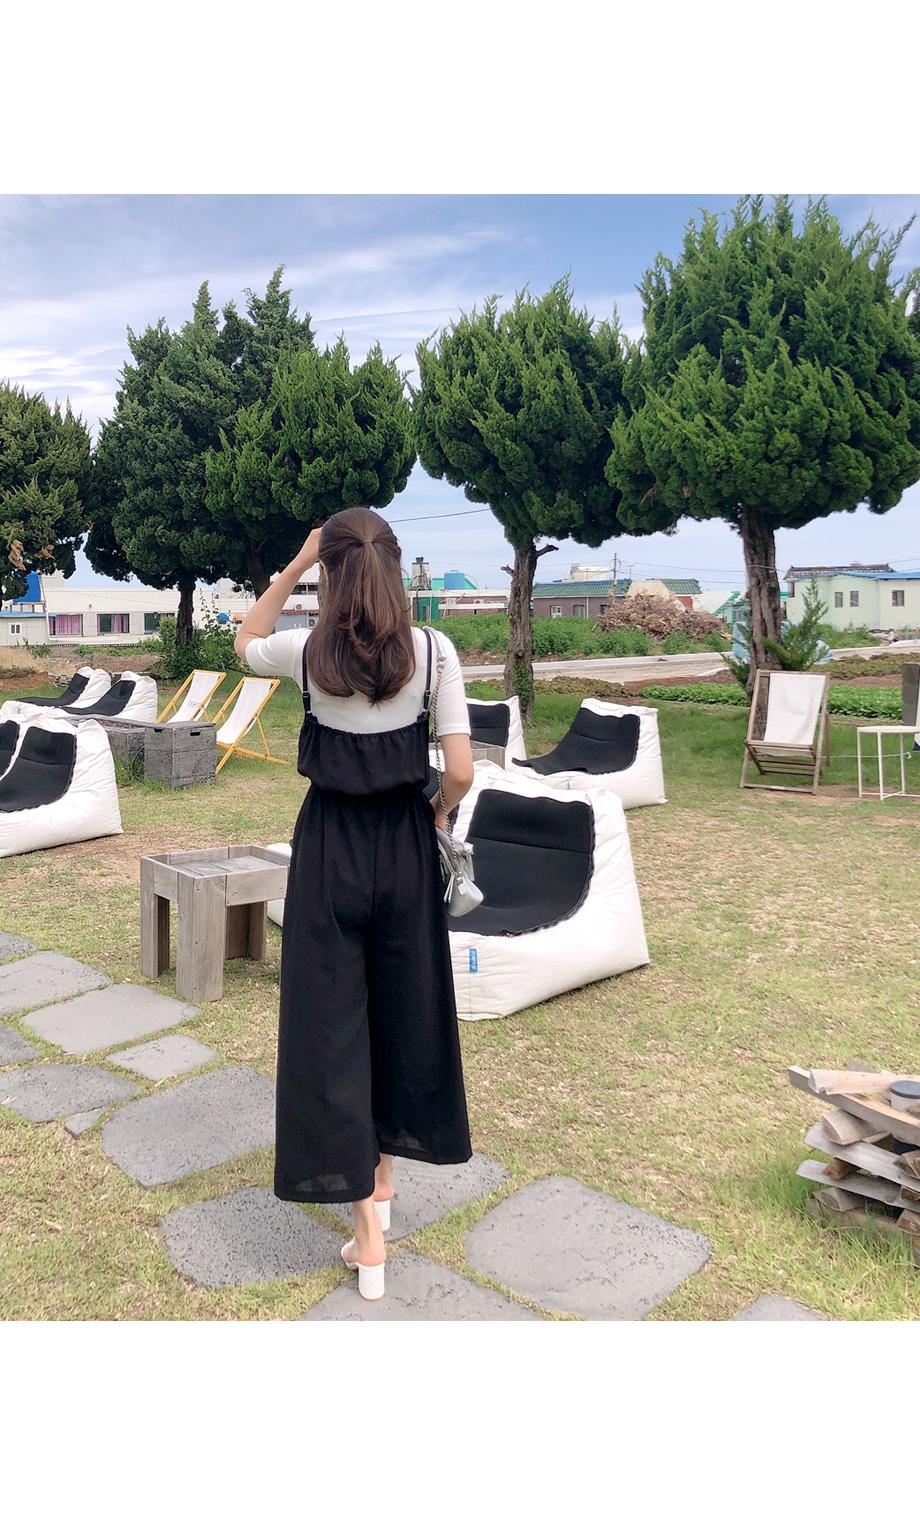 리리앤코 슈핀 뷔스티에 밴딩 점프수트